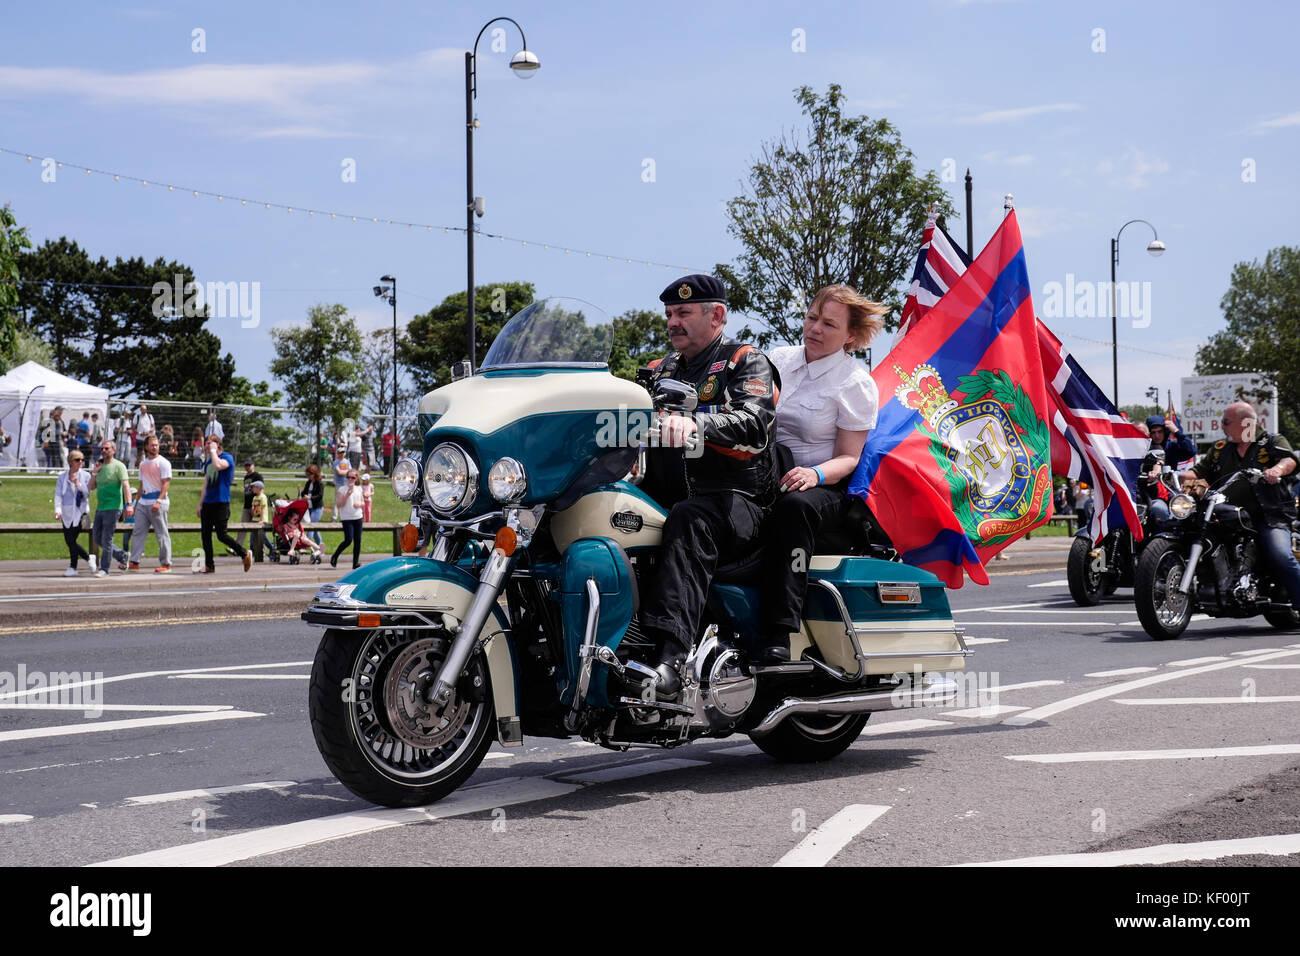 Bild von nationalen Streitkräften Tag, cleethorpes 2016 Stockbild